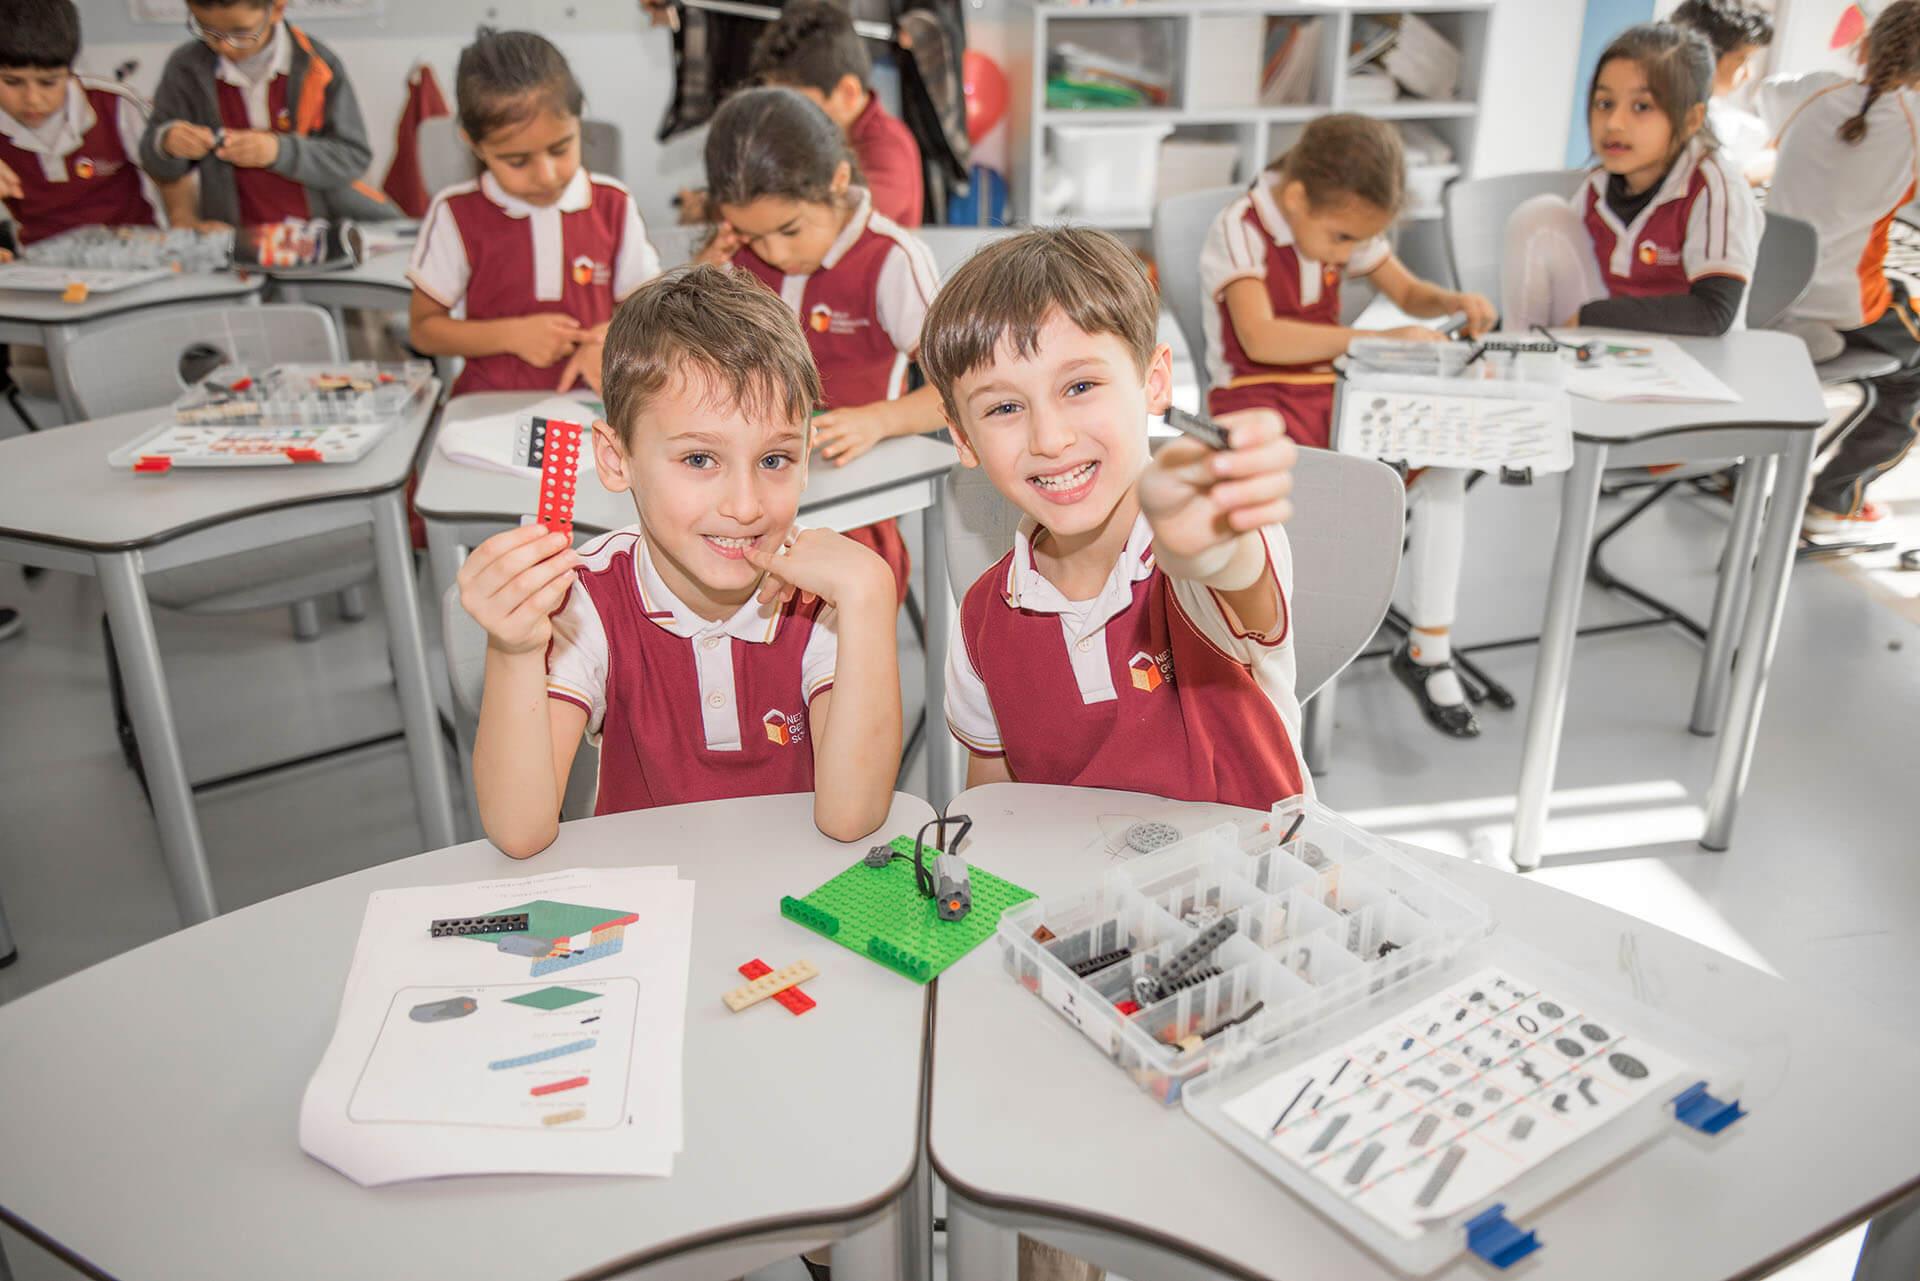 الوصول إلى جميع الطلاب: نظام التقدم المفاجئ في التعلم (نظام بريكثرو)